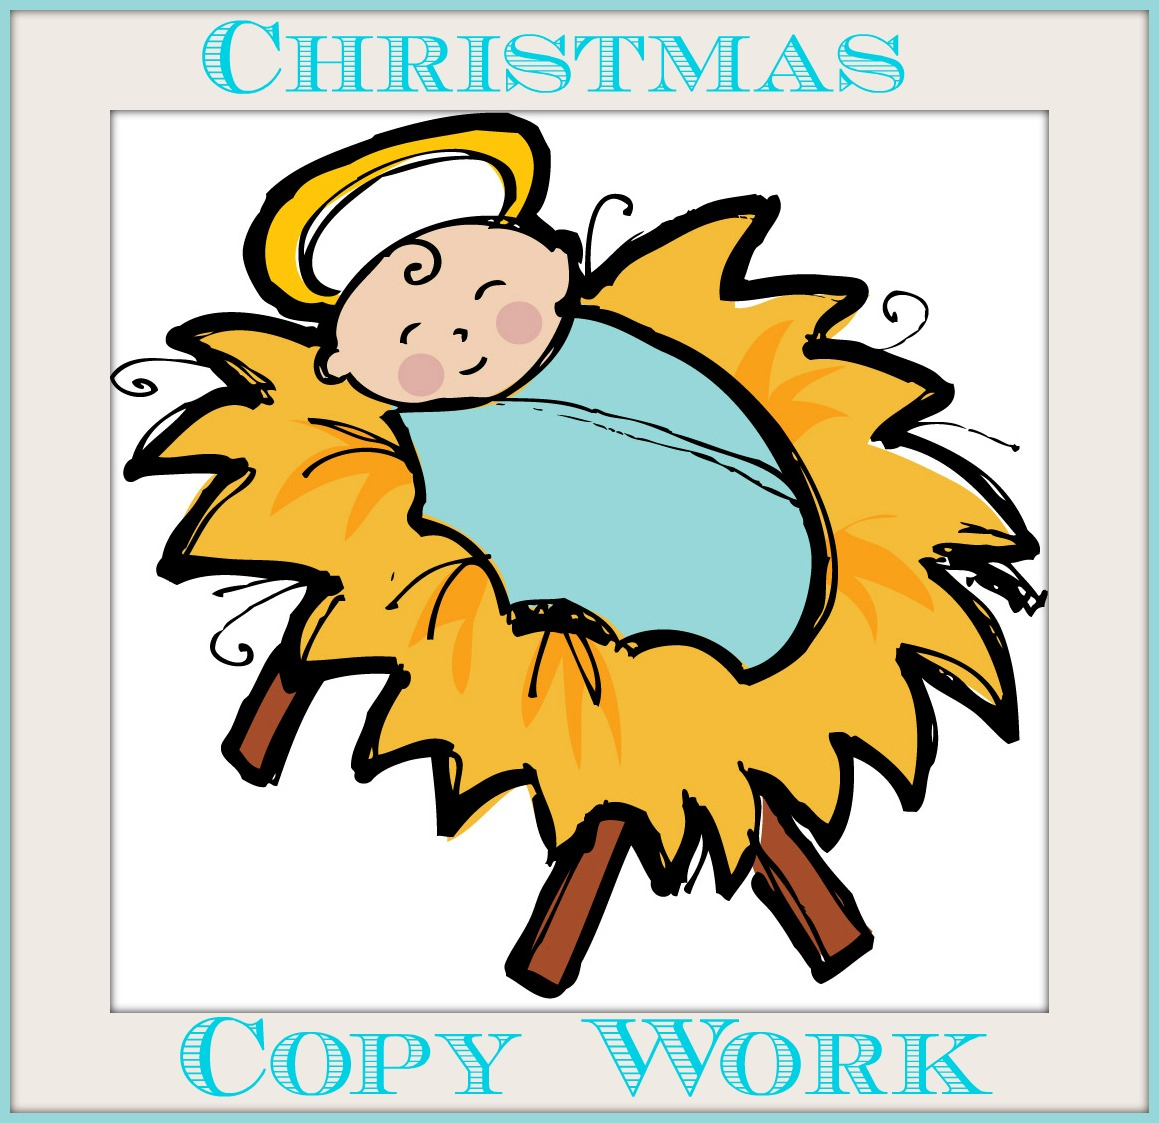 The Christmas Story Free Printable For Copywork Great For - Free Printable Nativity Story